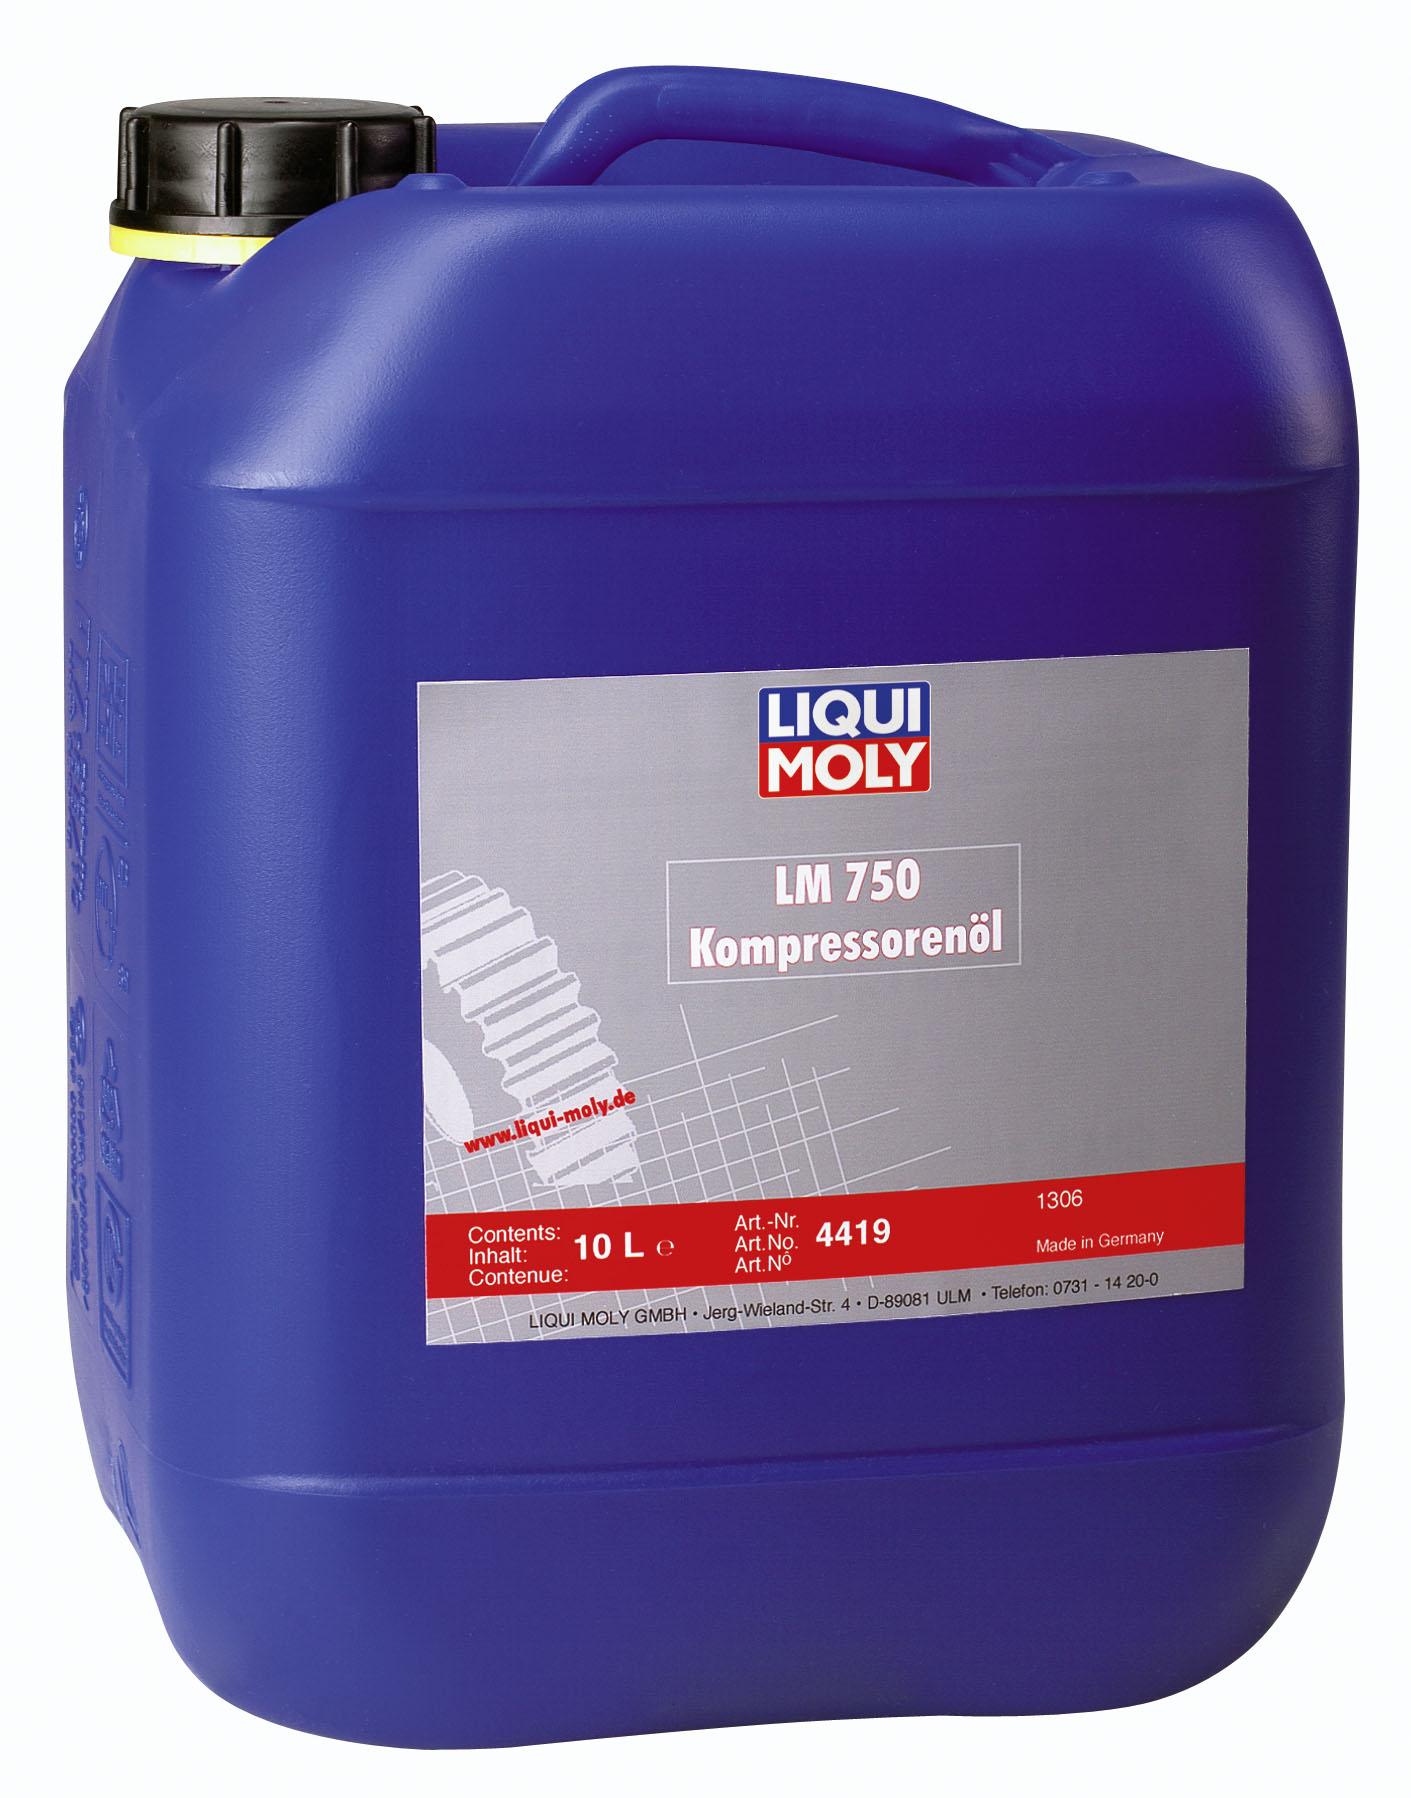 Синтетическое компрессорное масло LM 750 Kompressorenoil 40